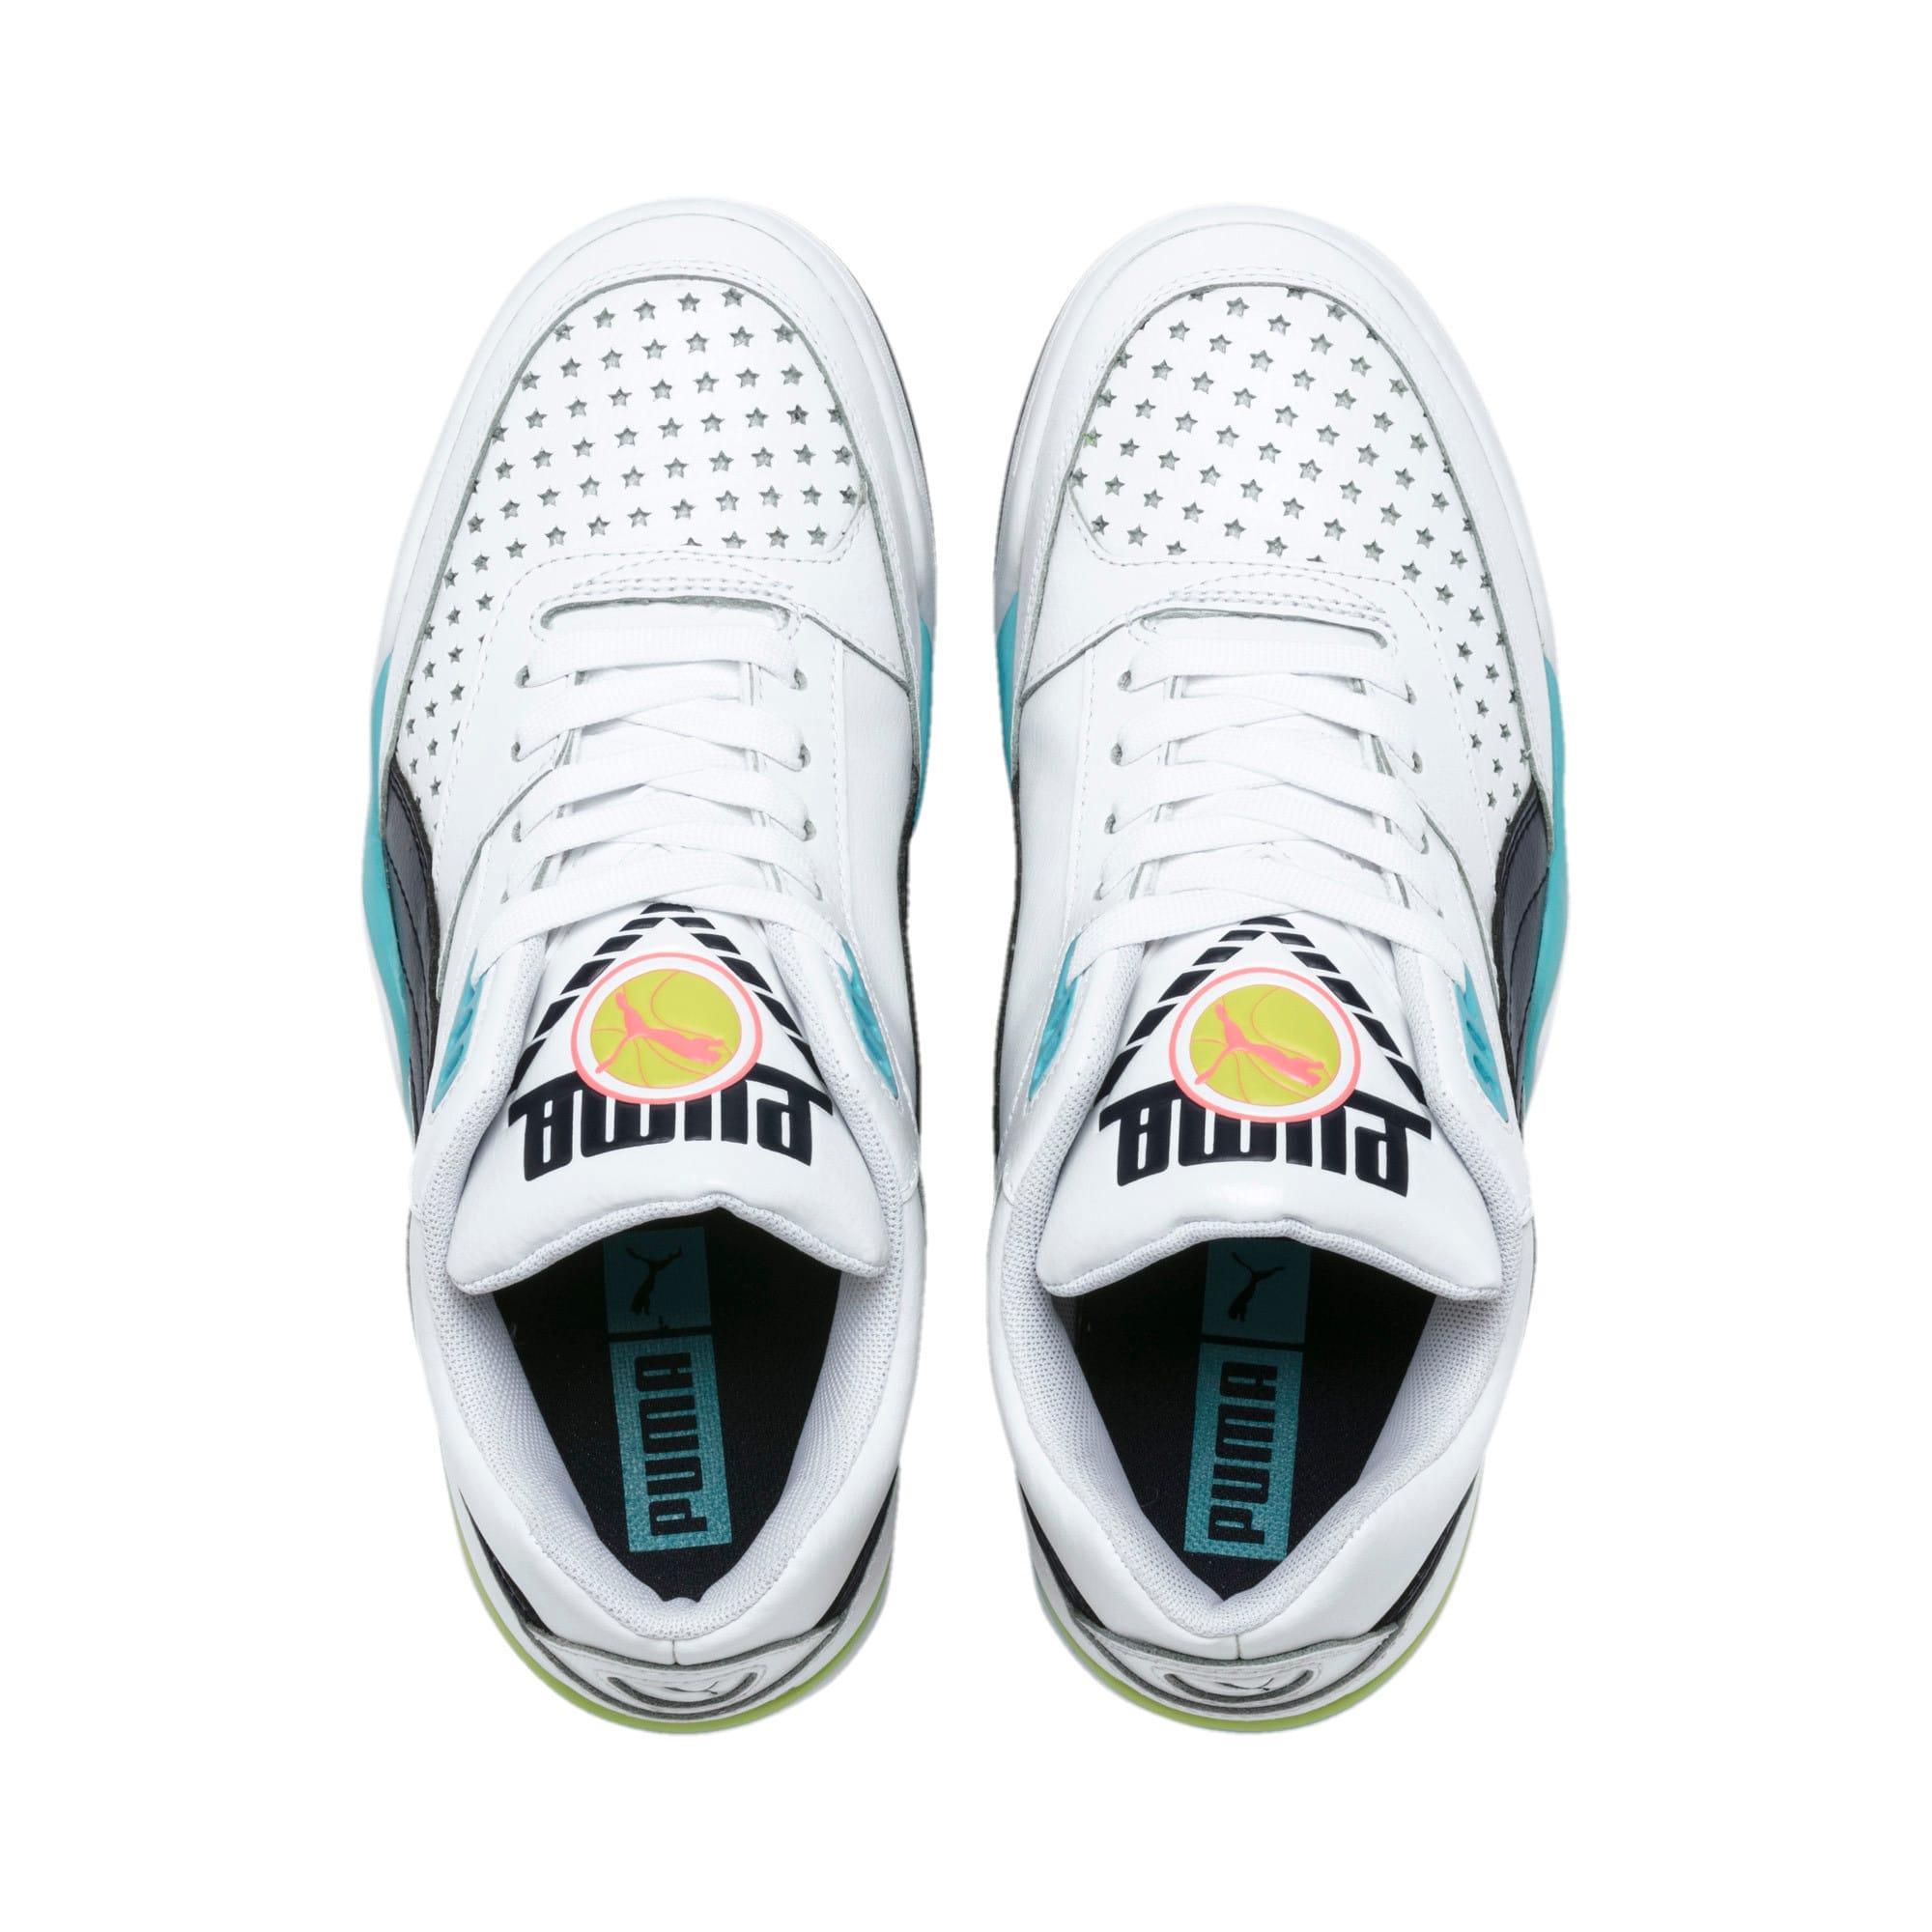 Thumbnail 7 of Palace Guard Wings Women's Sneakers, Puma White-Peacoat, medium